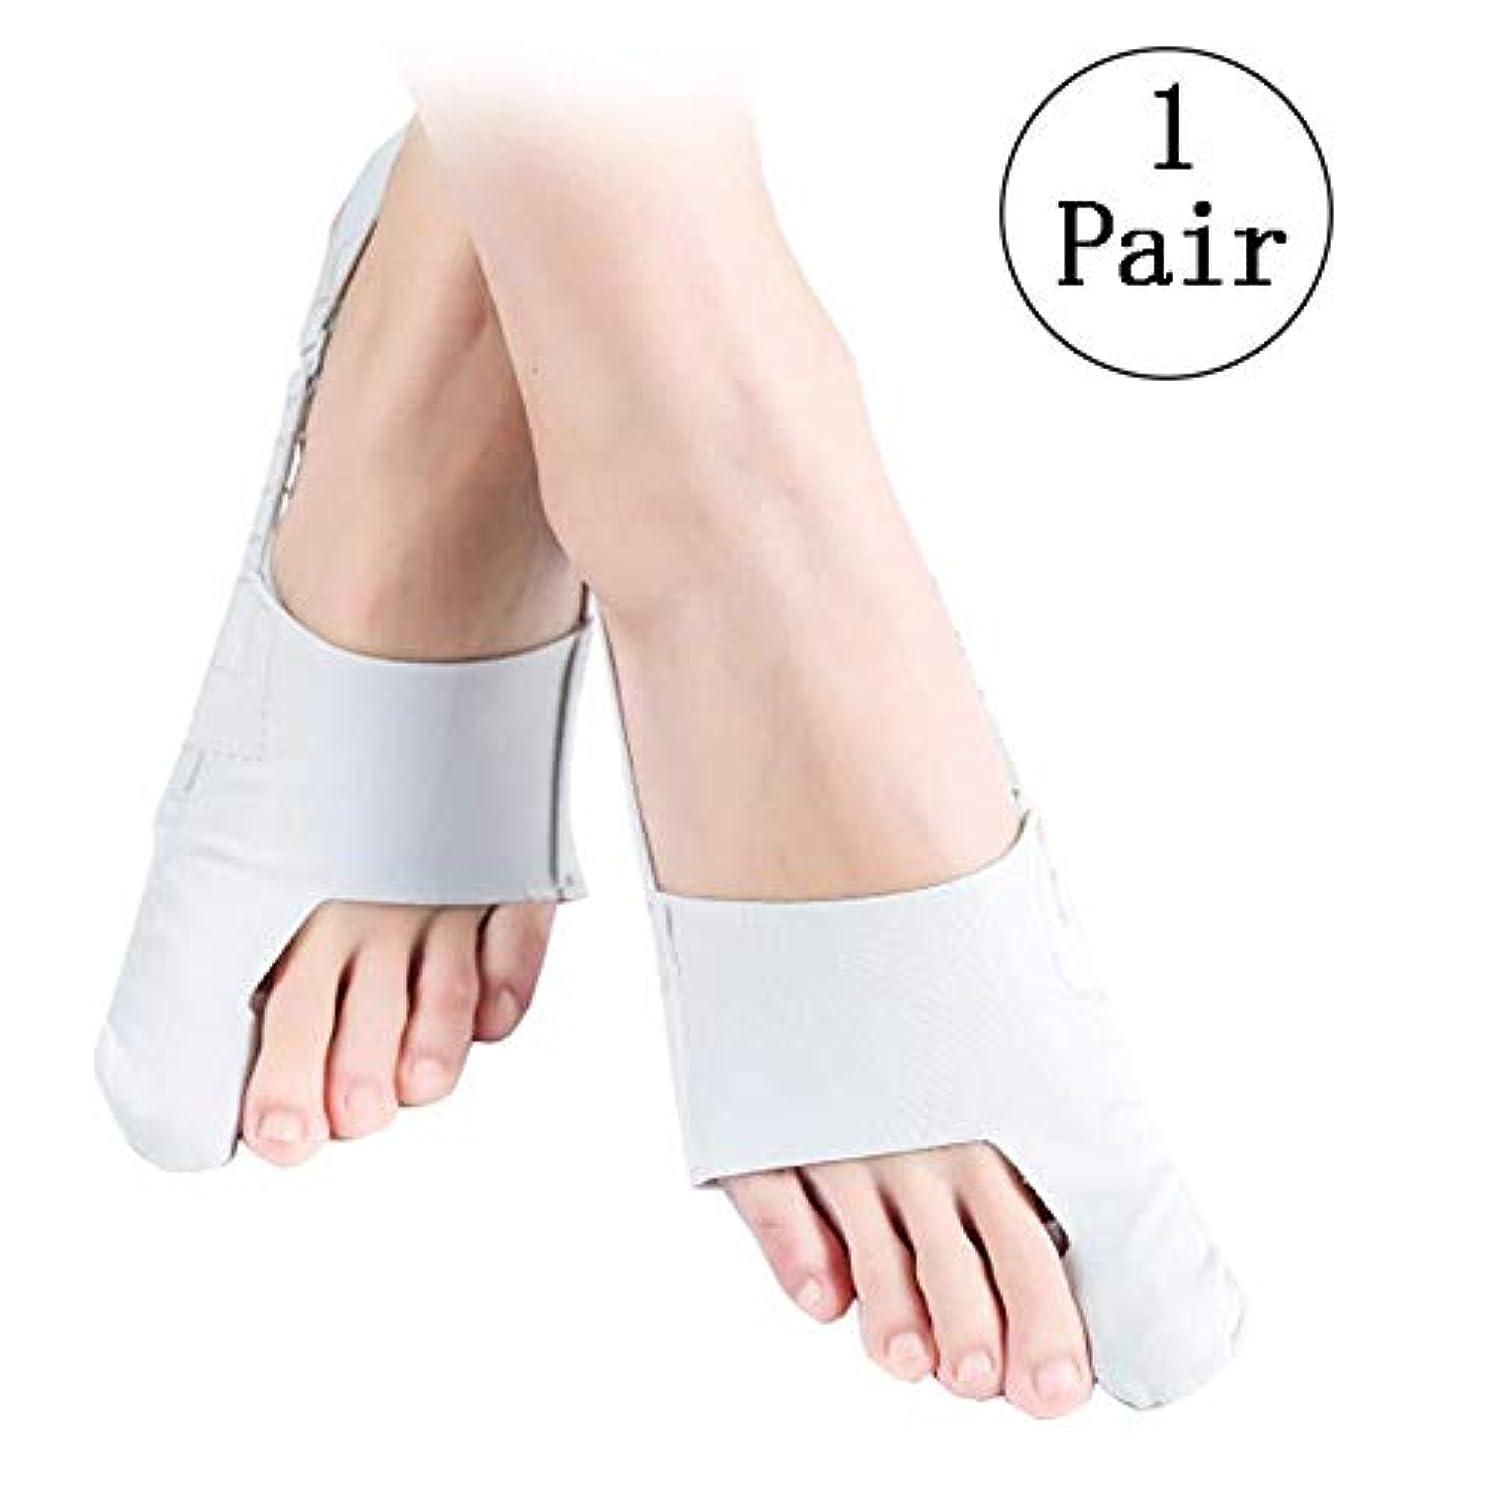 ターゲット発言する医療過誤腿のつま先アライナーとスプレッダー、足の親指の外反母toの足のアライメントを備えた足の親指の矯正、夜間および昼間のキット,24.5-26.5cm